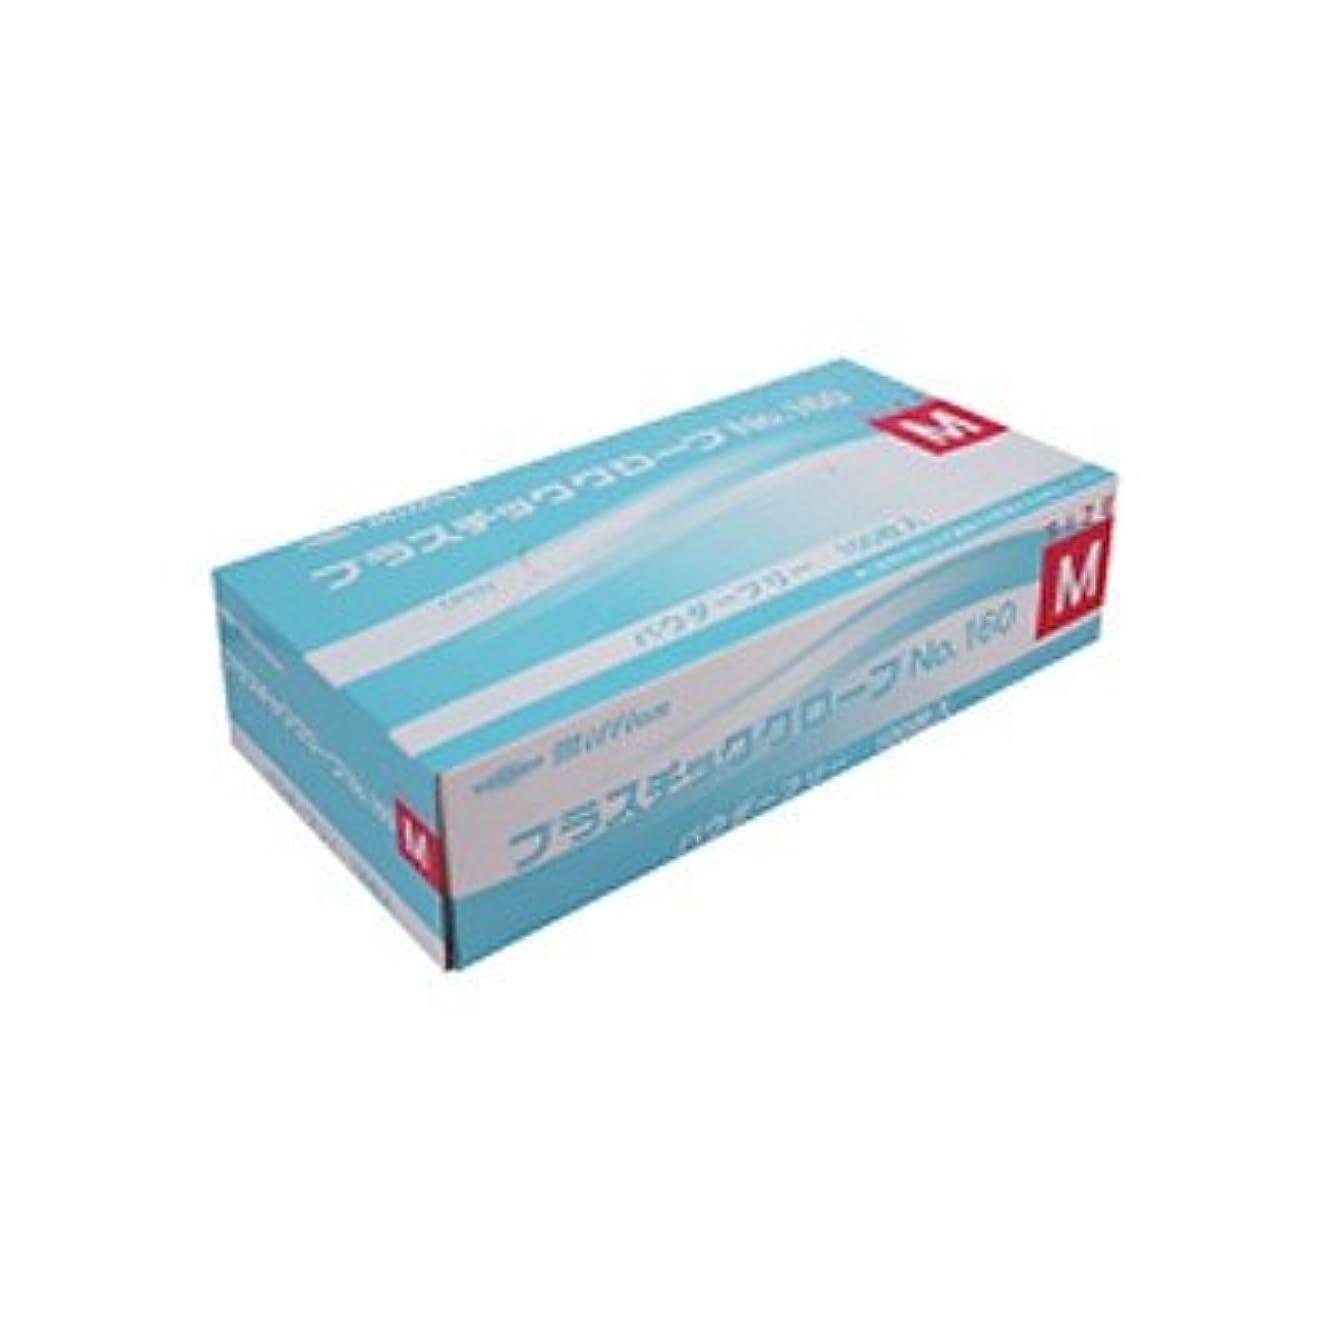 塗抹水警告するミリオン プラスチック手袋 粉無 No.160 M 品番:LH-160-M 注文番号:62741606 メーカー:共和